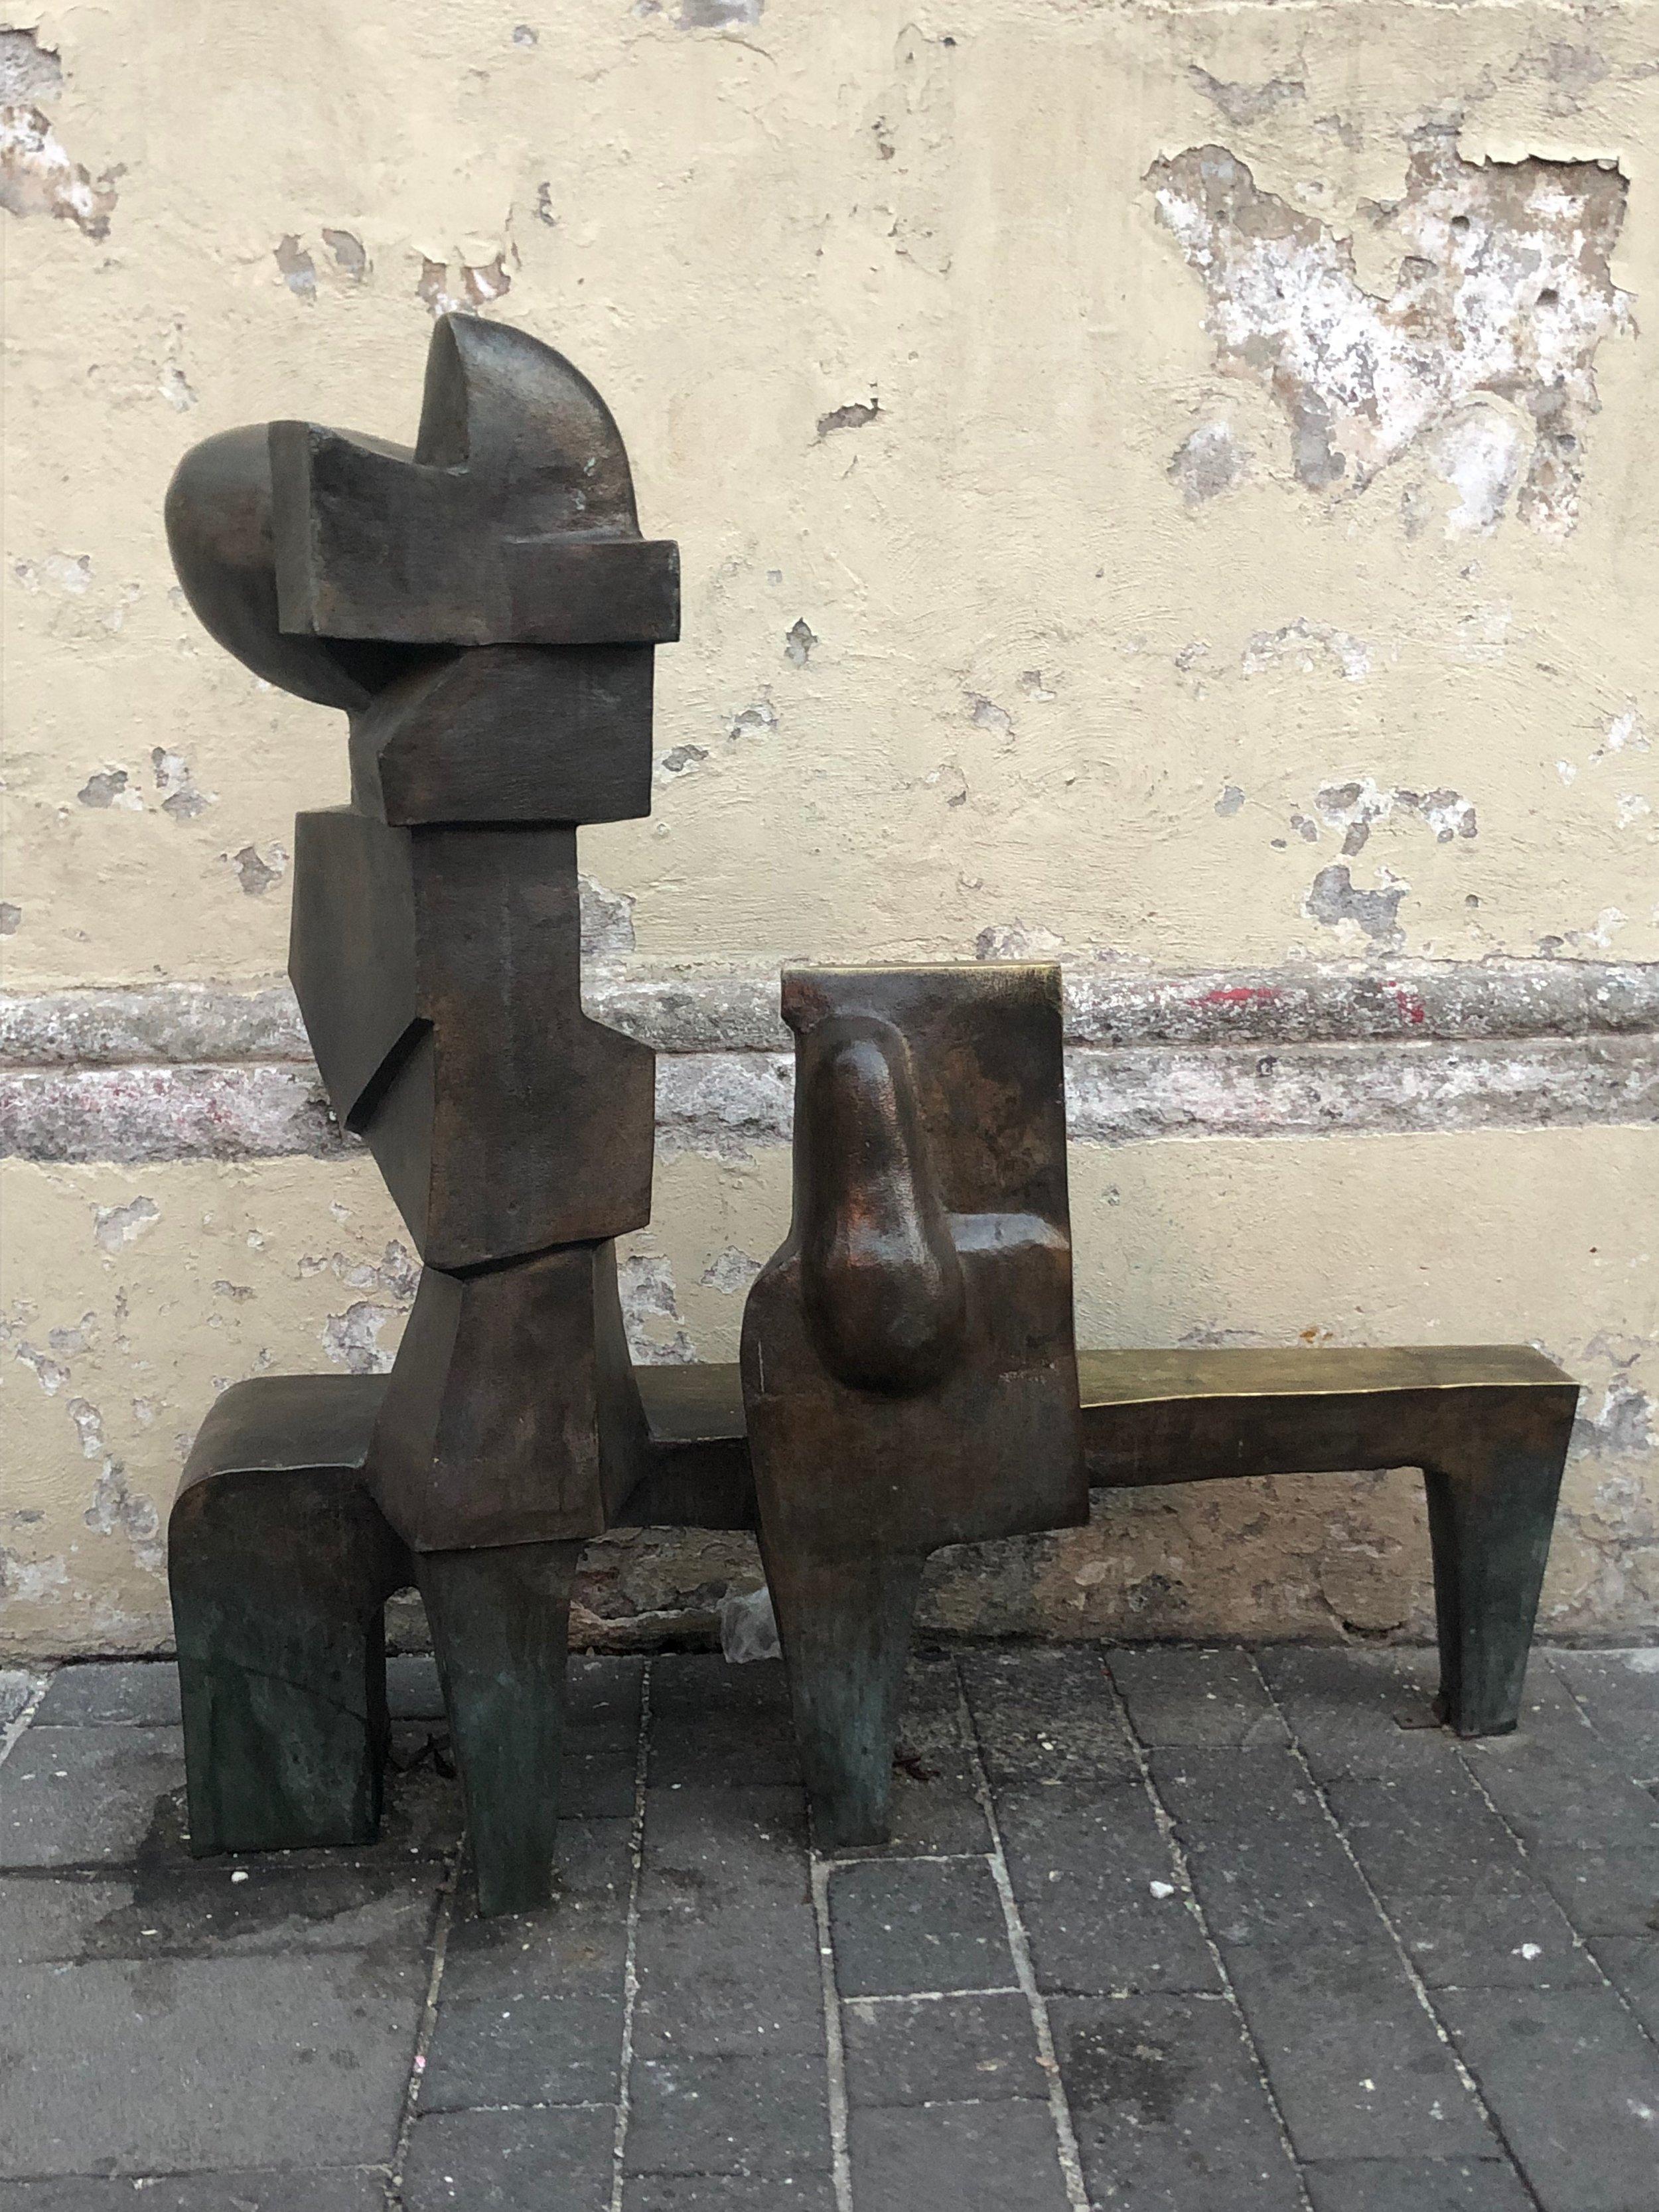 Sculpture Garden / Centro Histórico, Mexico City / ©2019 Melody Jean Moulton